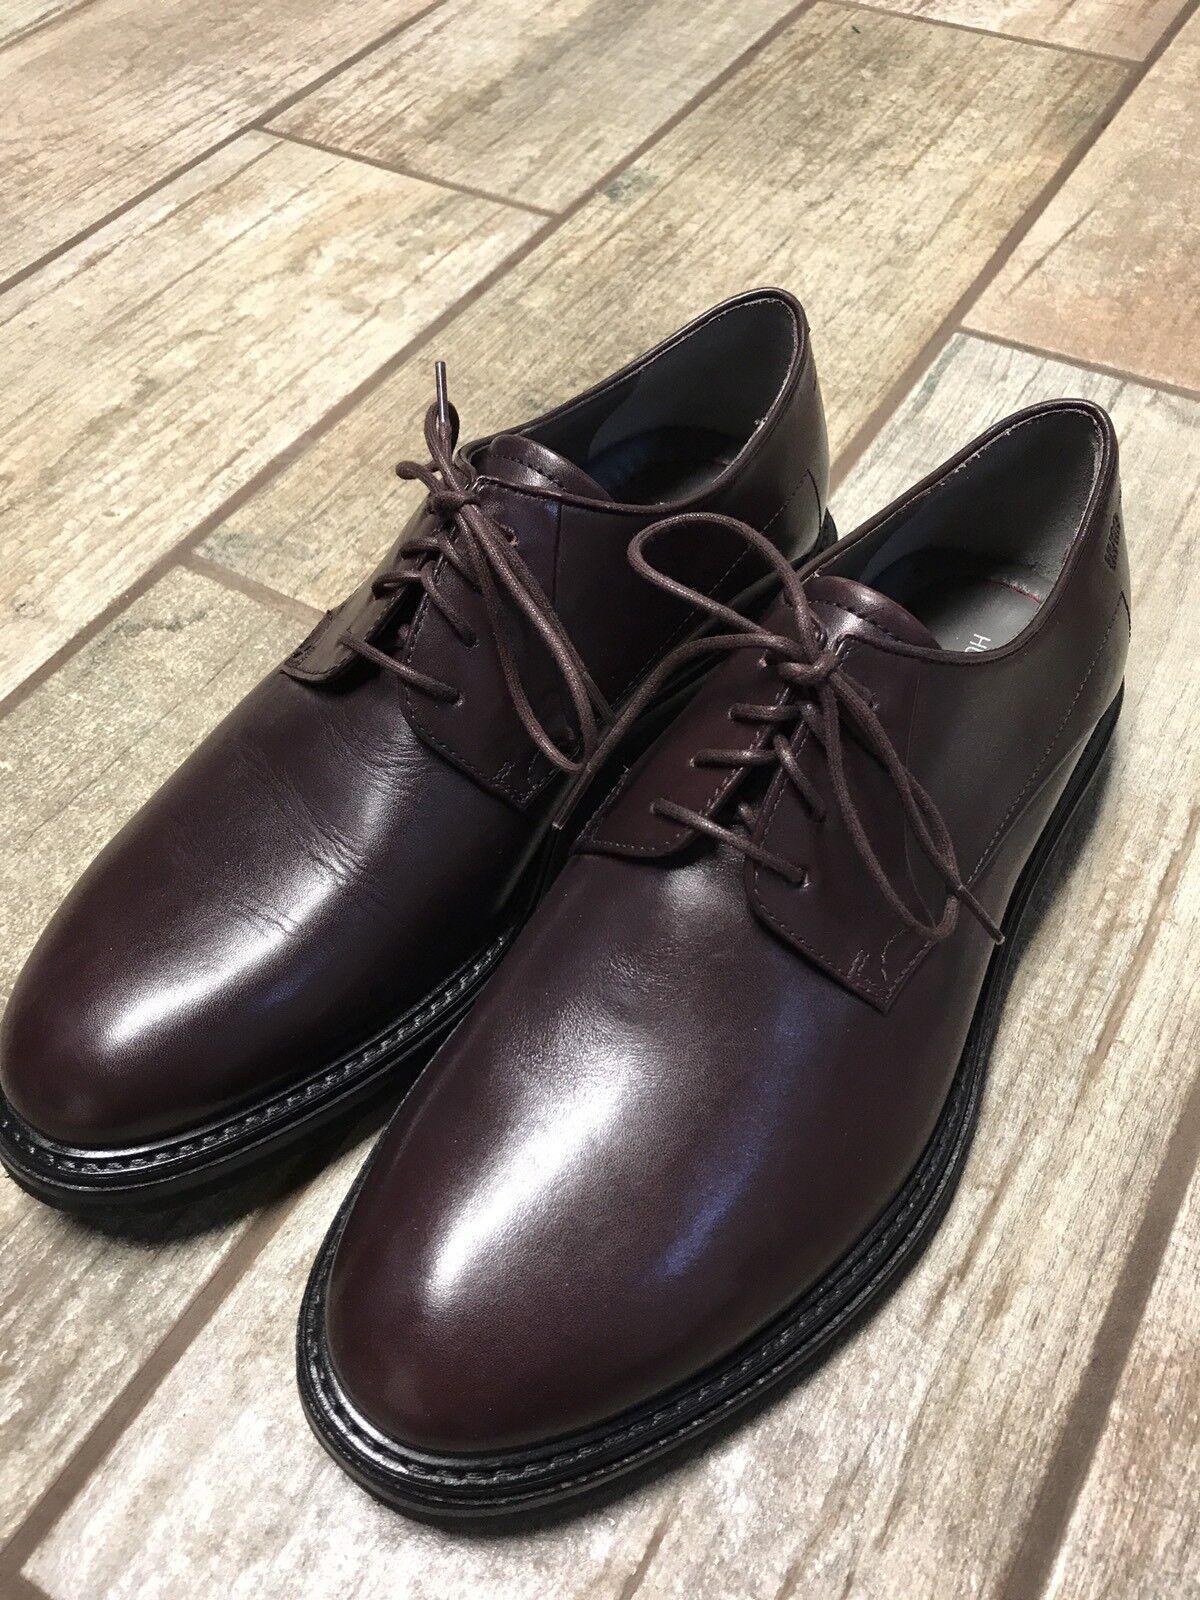 Nuevo Vestido de negocios Hugo Boss De Hombre Zapato Oxford Talla Eu 42 Borgoña Rojo  395